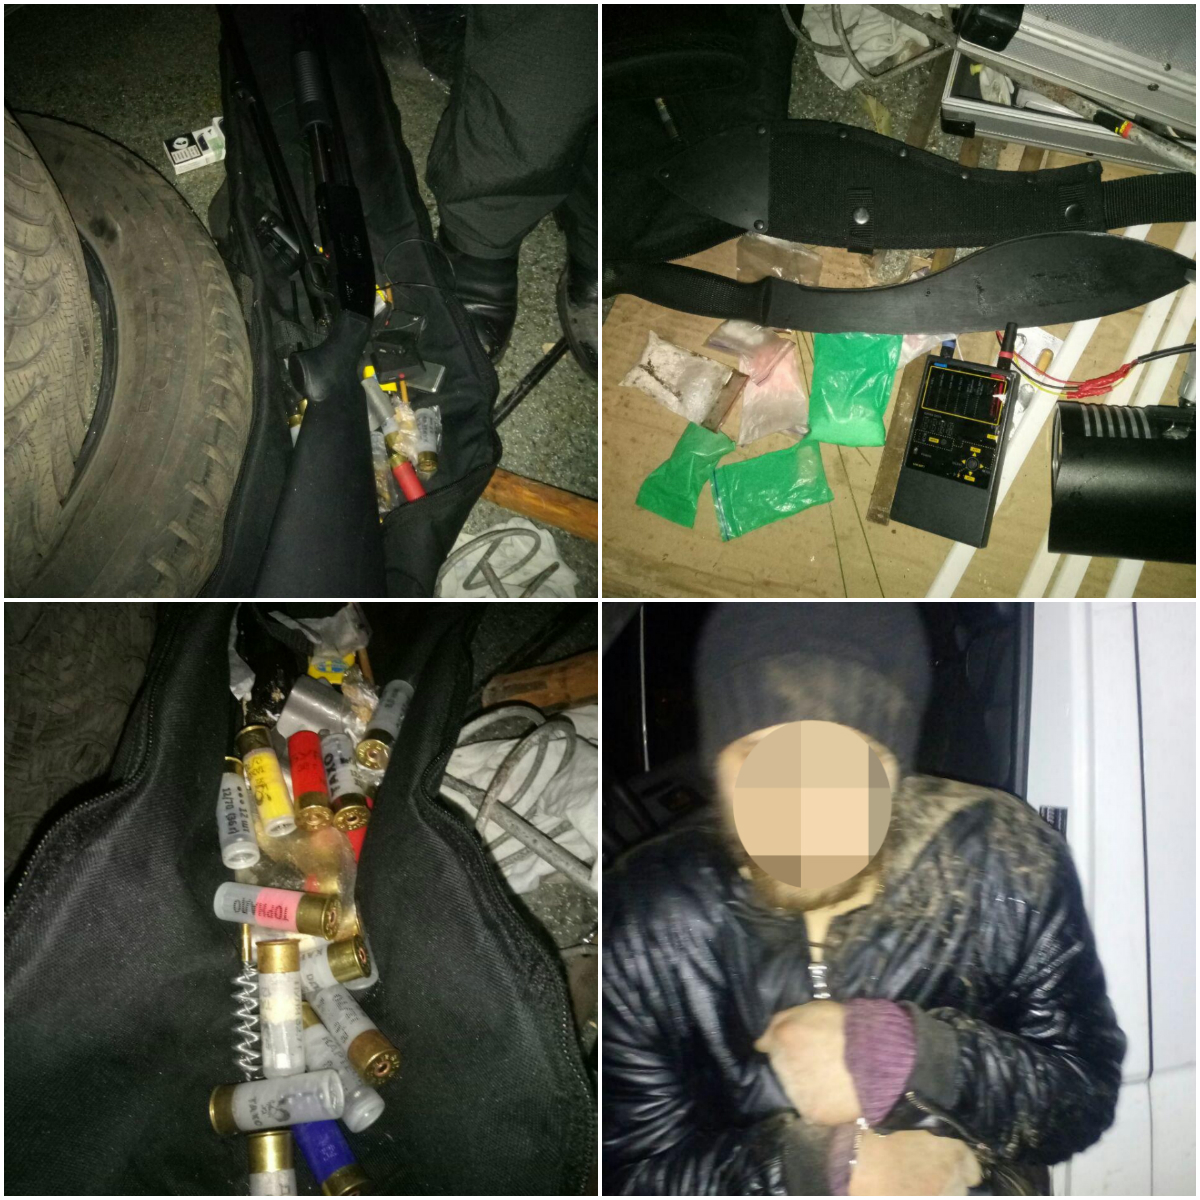 Полиция задержала вооруженного наркомана. Фото: Патрульная полиция